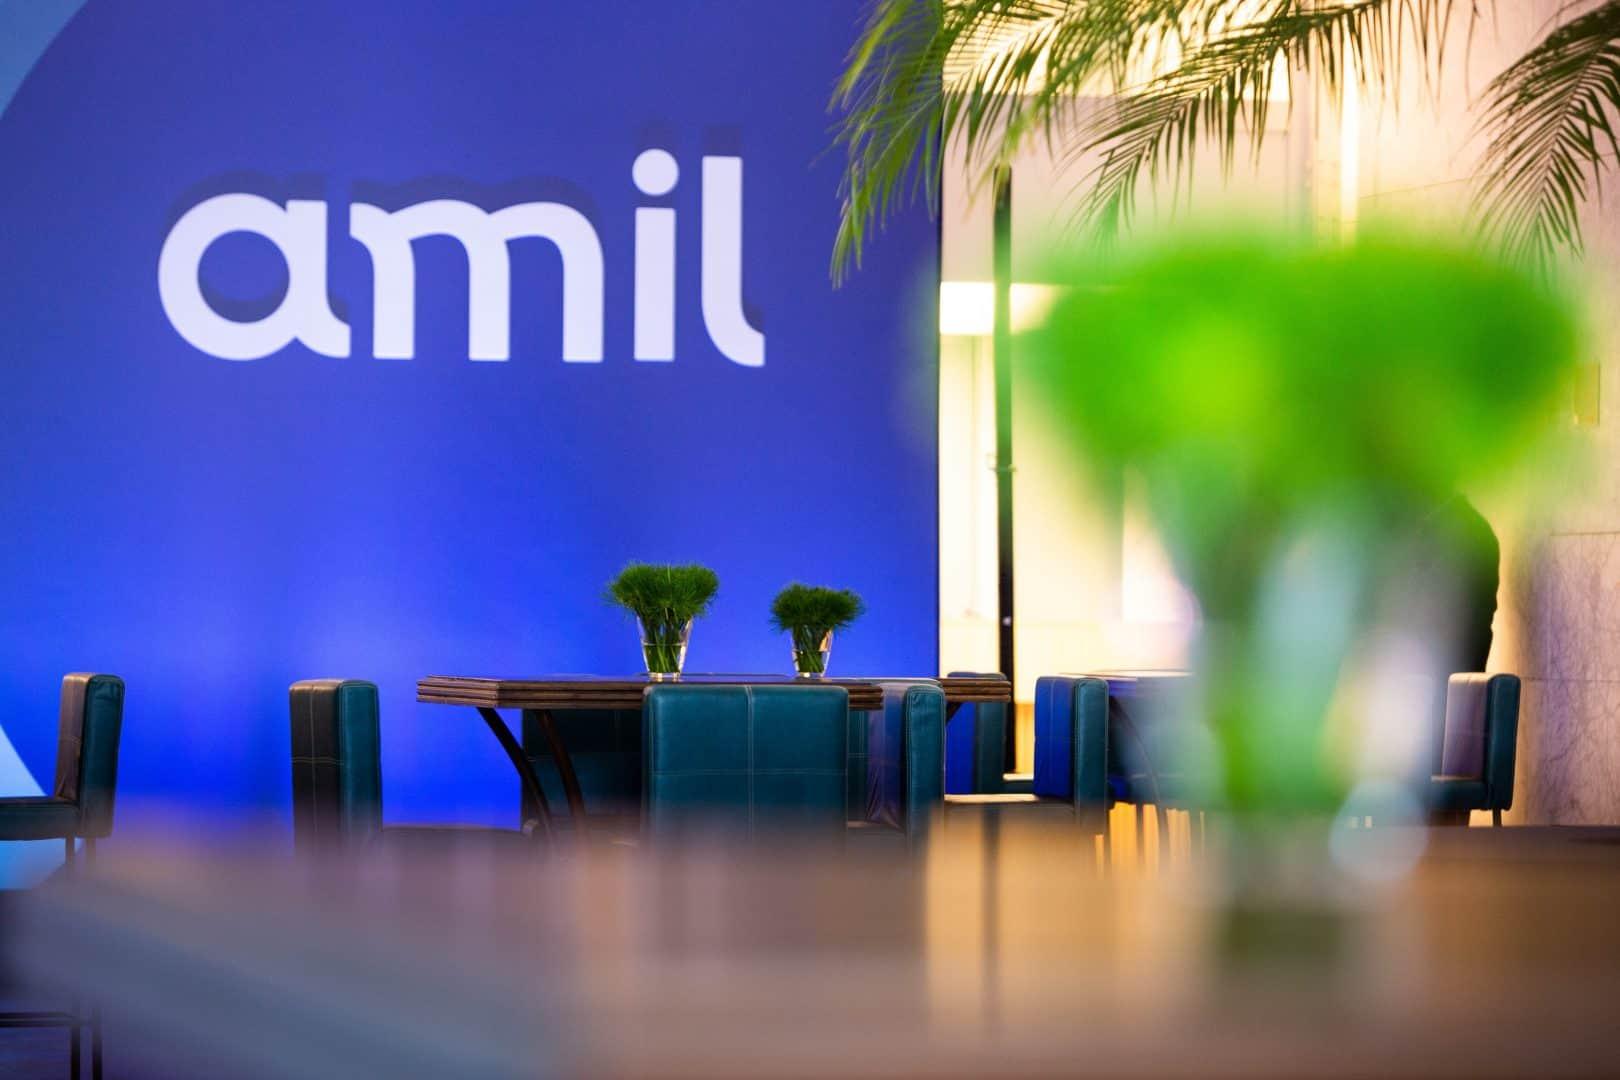 EMPREGO: Amil abre 3 MIL VAGAS com contratação imediata! (Imagem: Reprodução - Google)